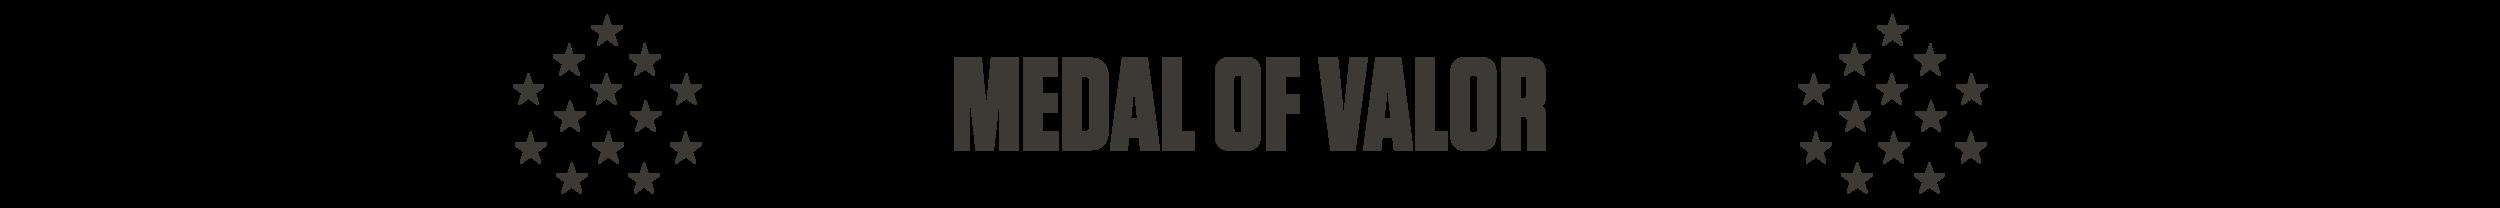 Sponsor Stars_Medal of Valor.png